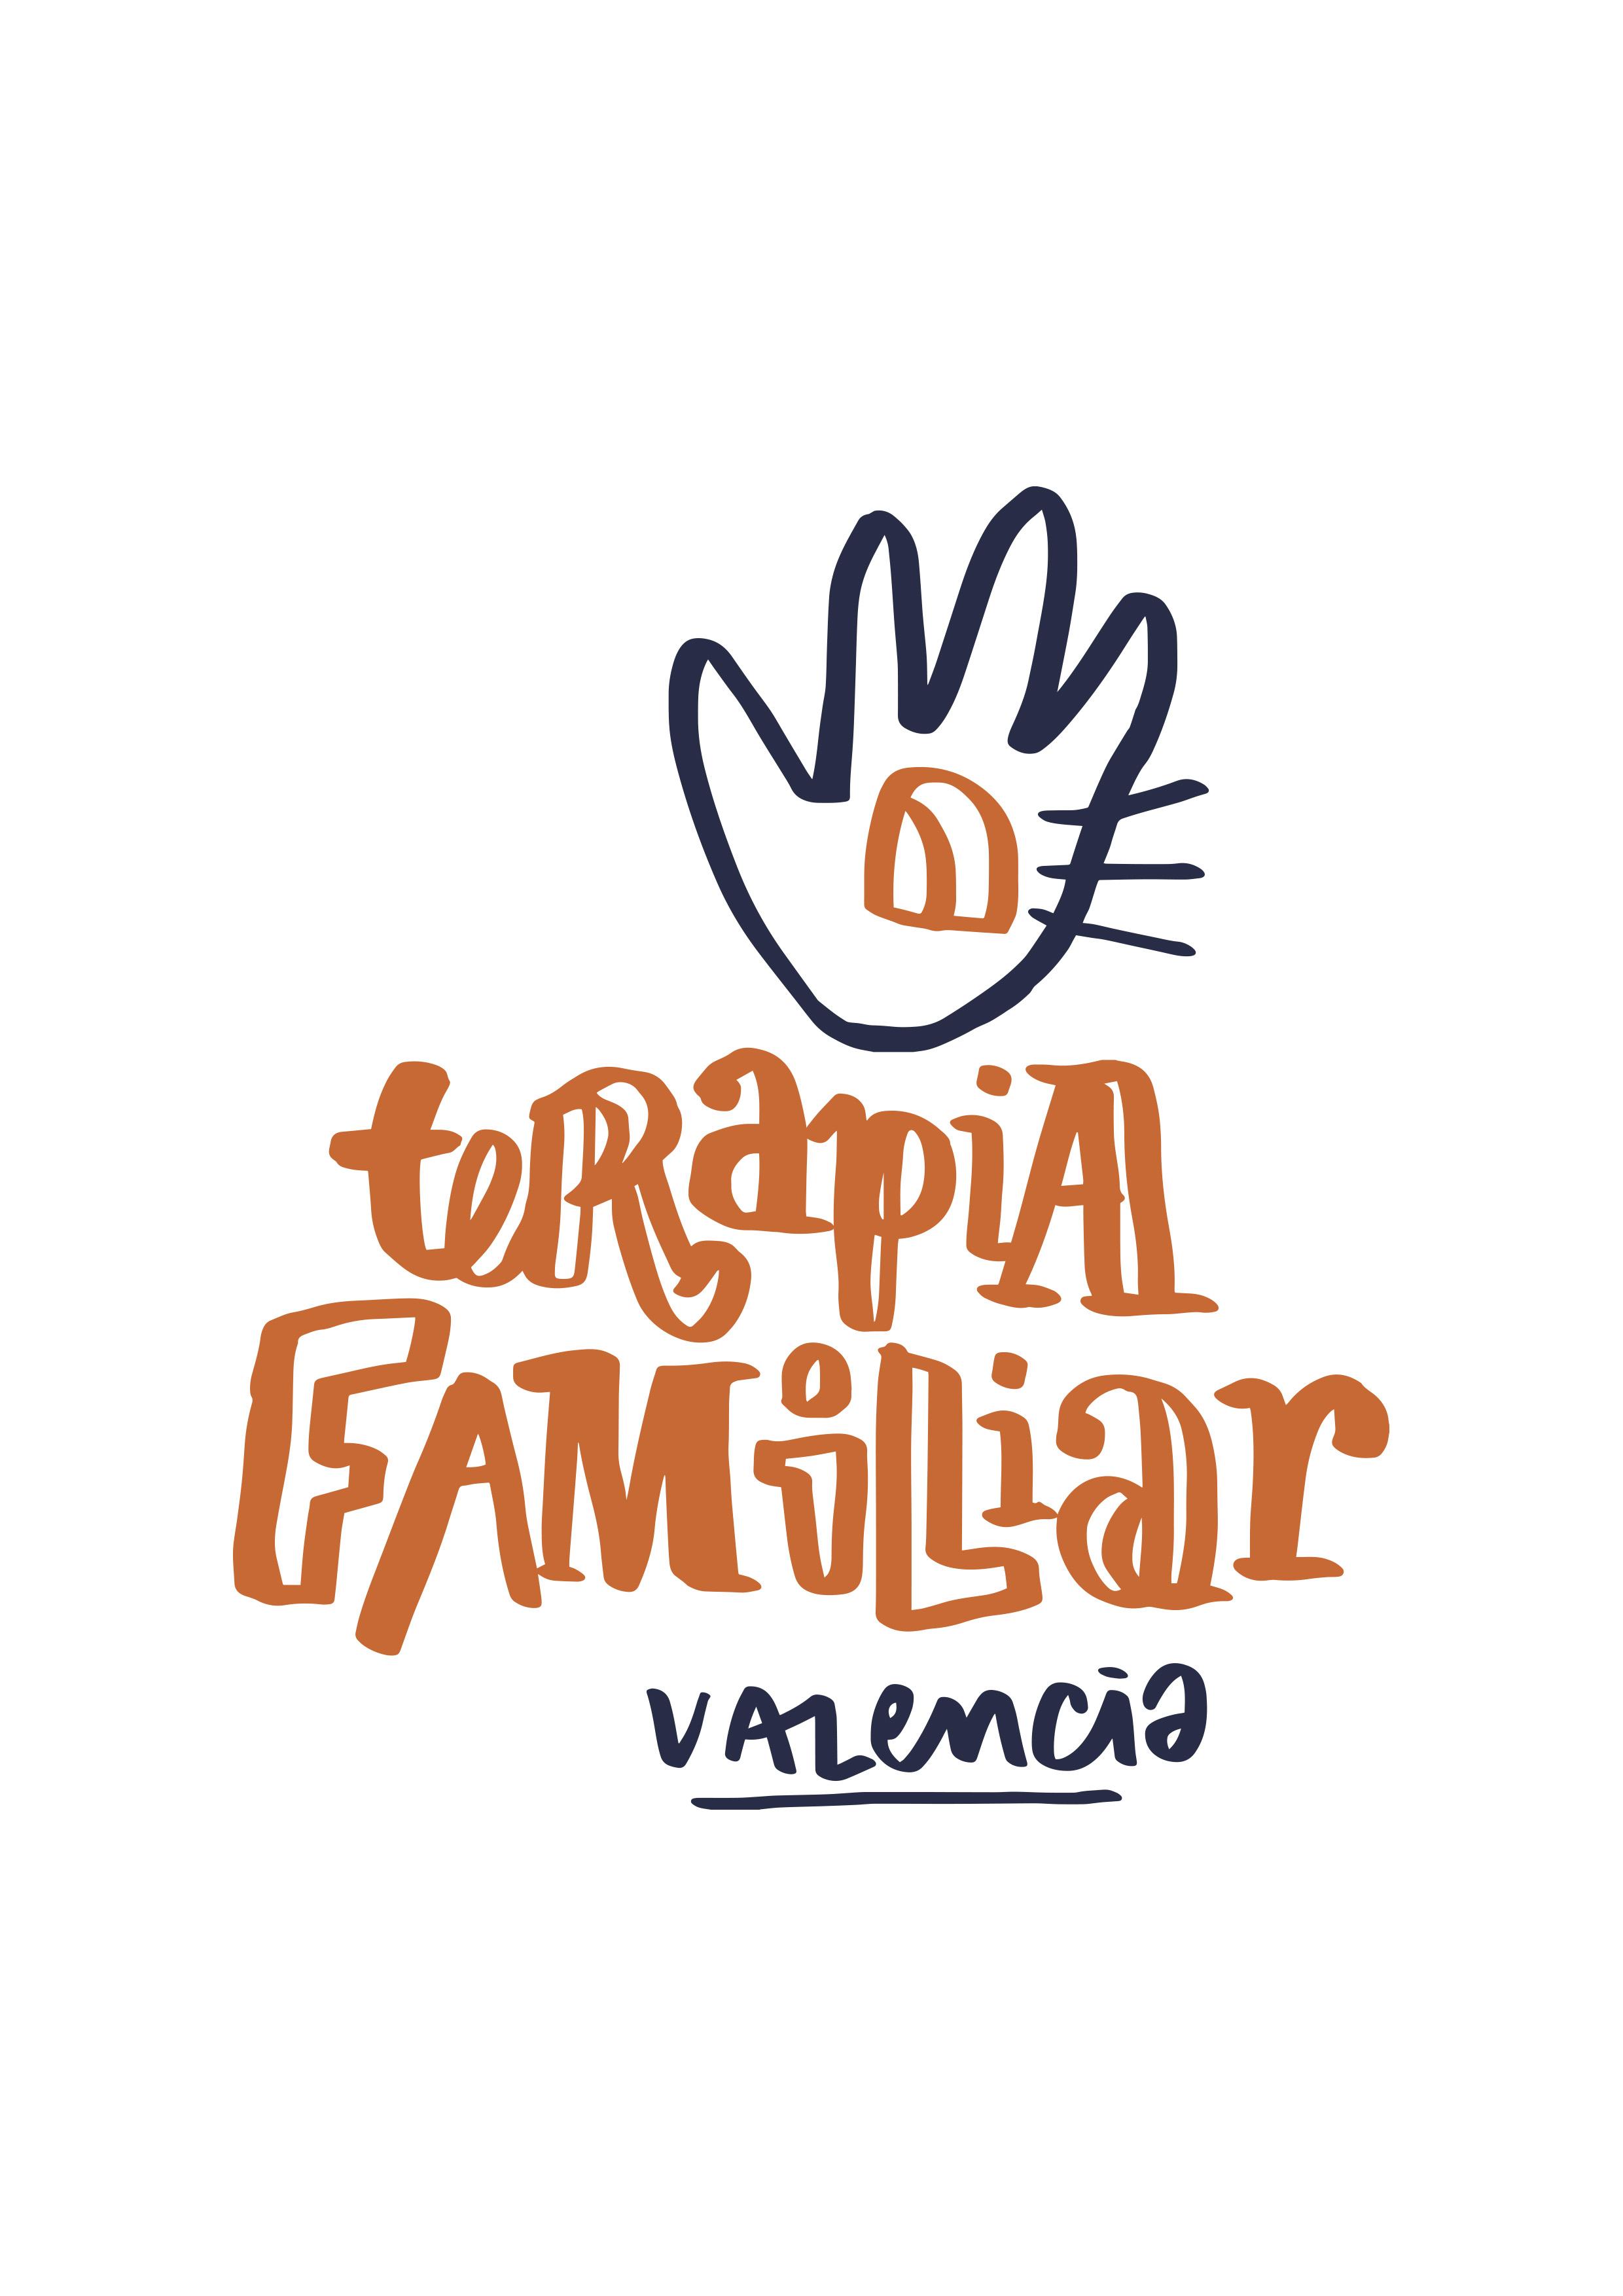 LogoColorV.jpg